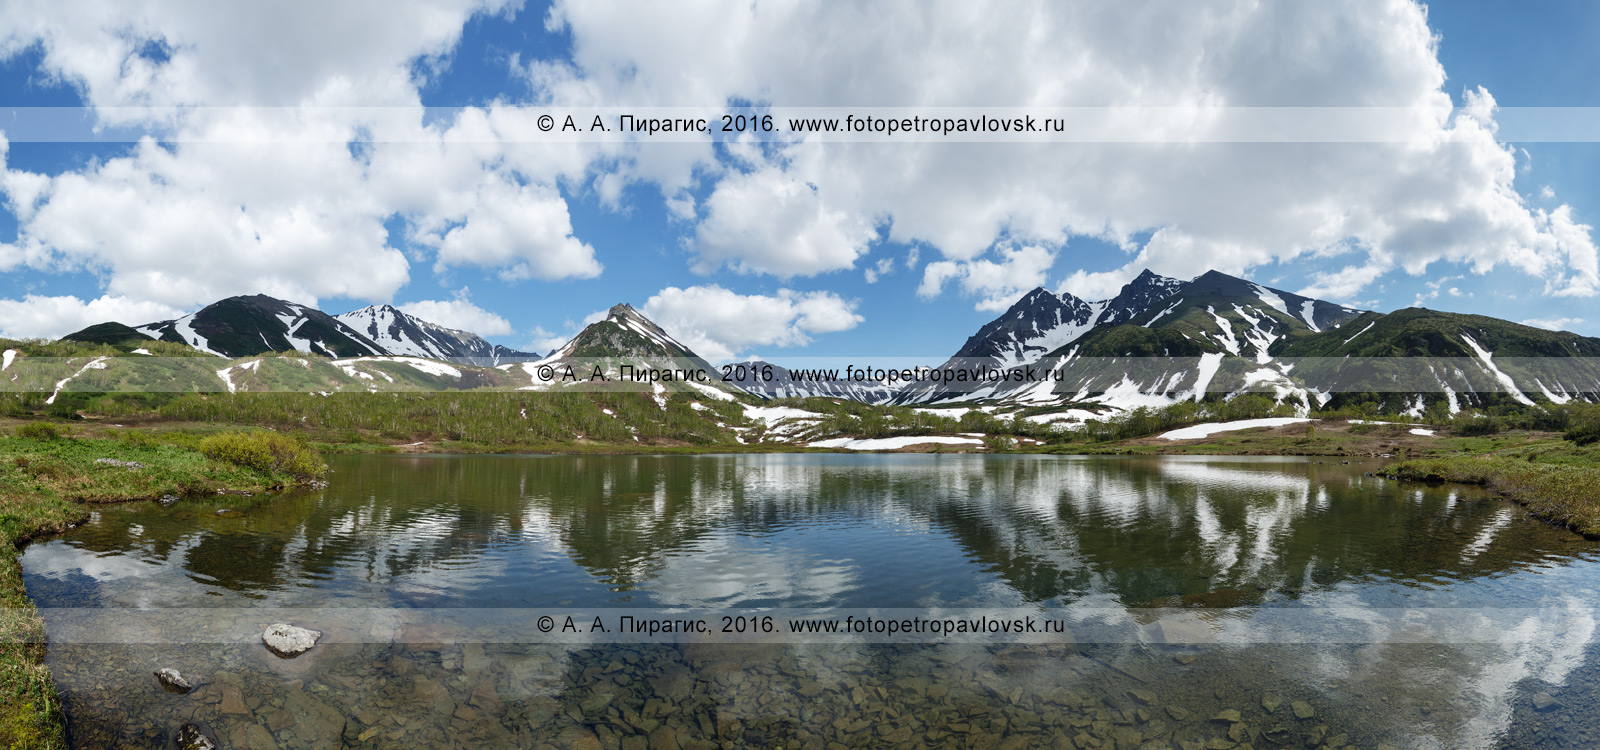 Фотография (панорама): летний горный пейзаж Камчатки — красивый вид на озеро Тахколоч и горный массив Вачкажец. Камчатский край